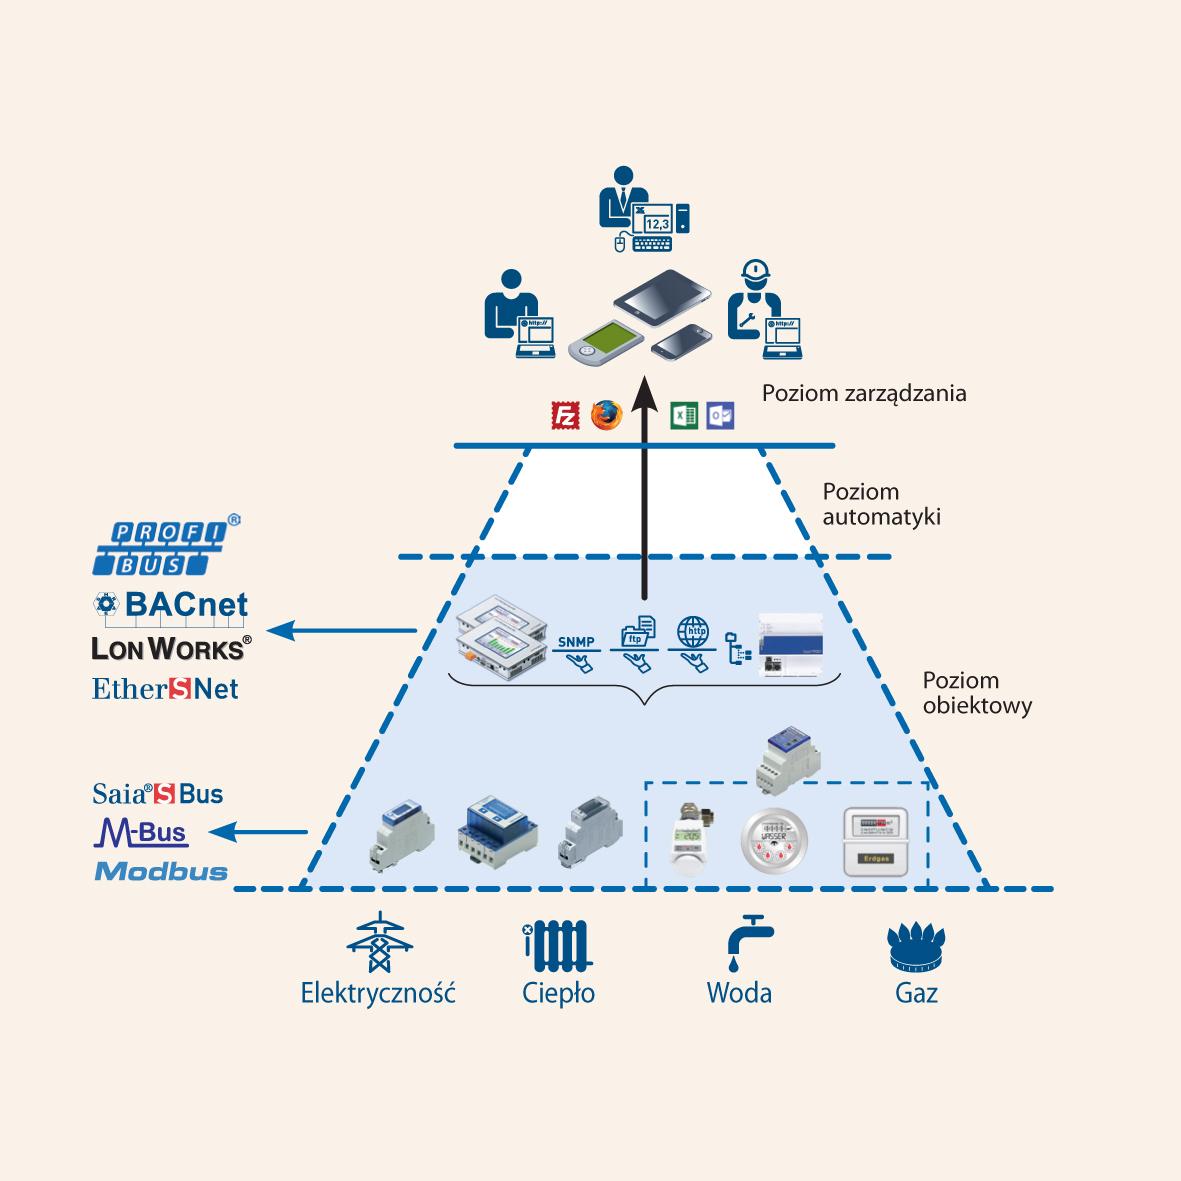 System Saia S-Monitoring wykorzystuje istniejące komponenty i pozwala na całkowitą integrację na poziomie automatyki!